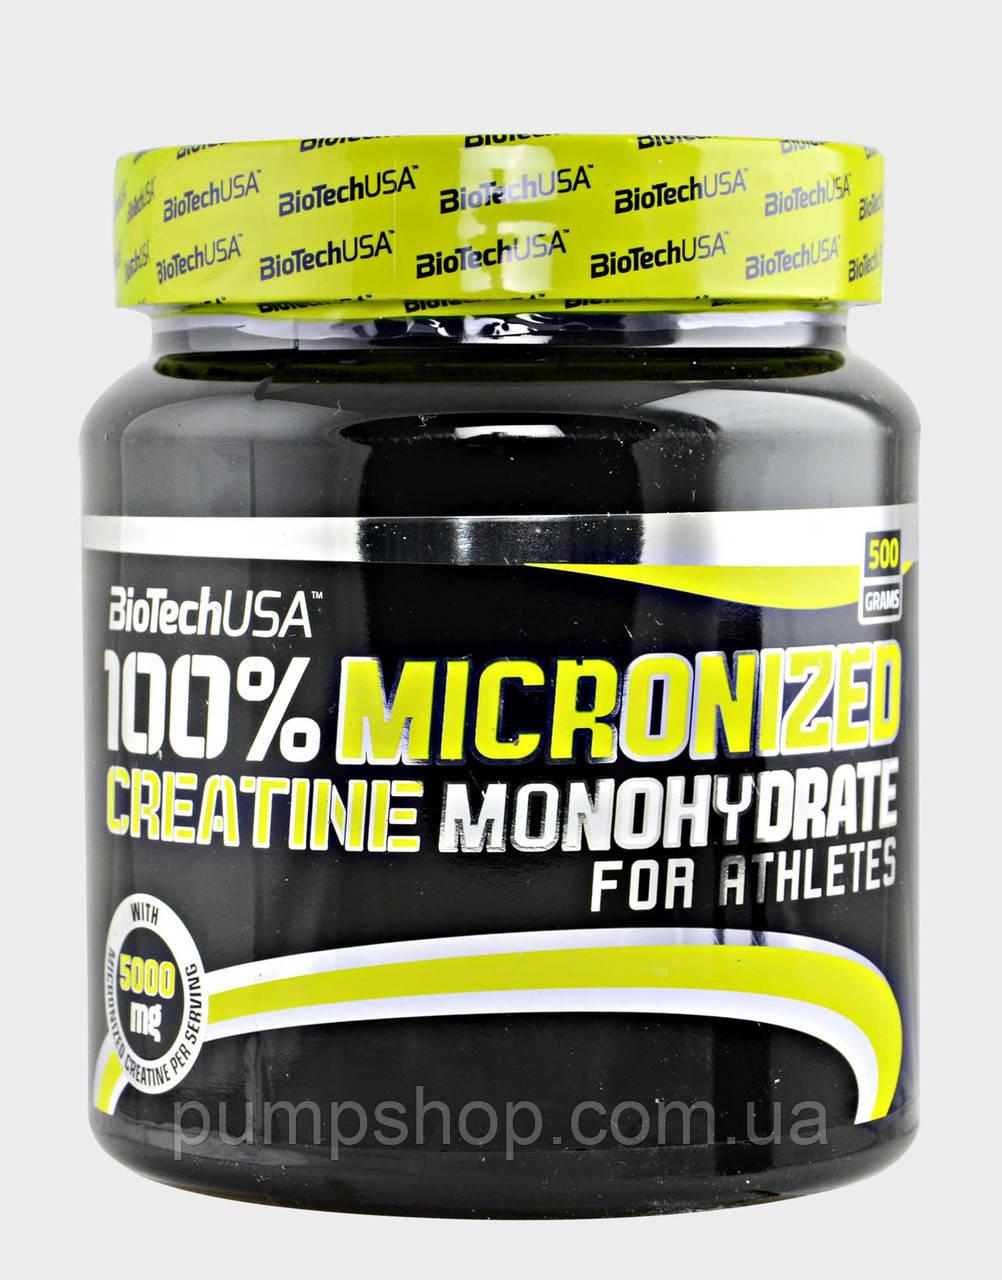 Креатин моногидрат BioTech USA 100% Creatine Monohydrate 500 г